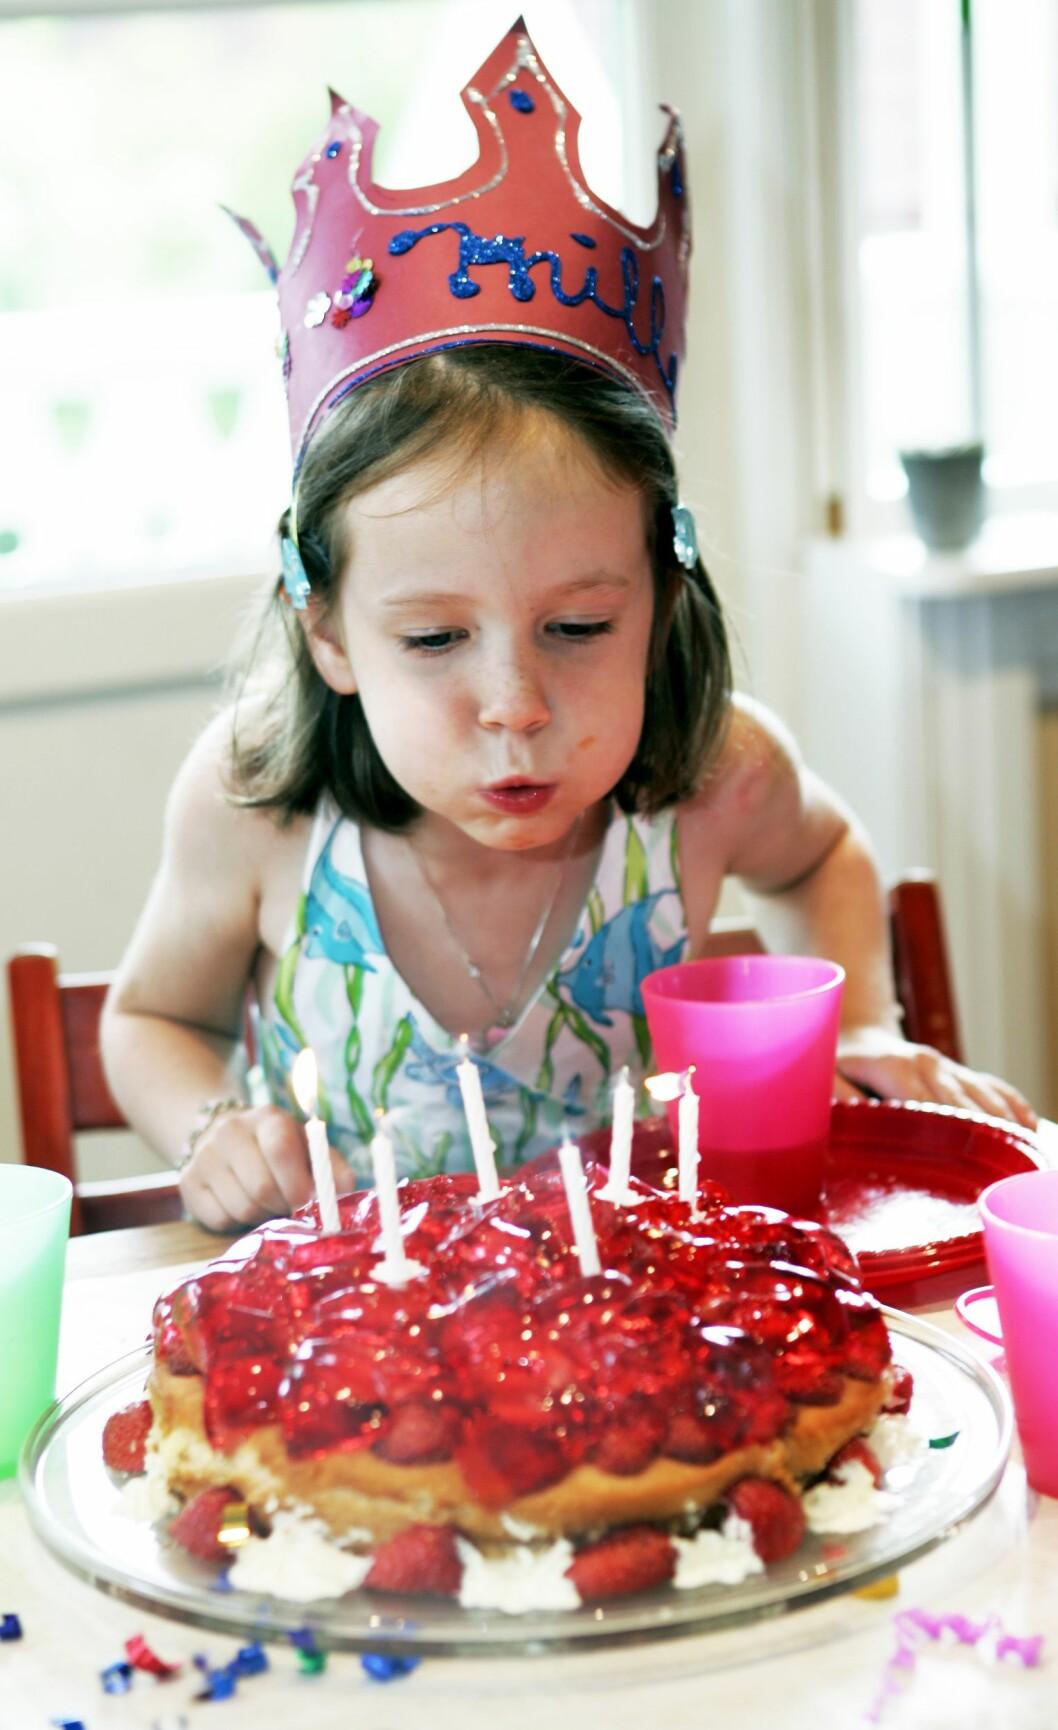 BURSDAGSKAKE: Kake med lys hører barnebursdagen til, men kanskje rekker det med bare en kake? Foto: NTB Scanpix / Tor Richardsen